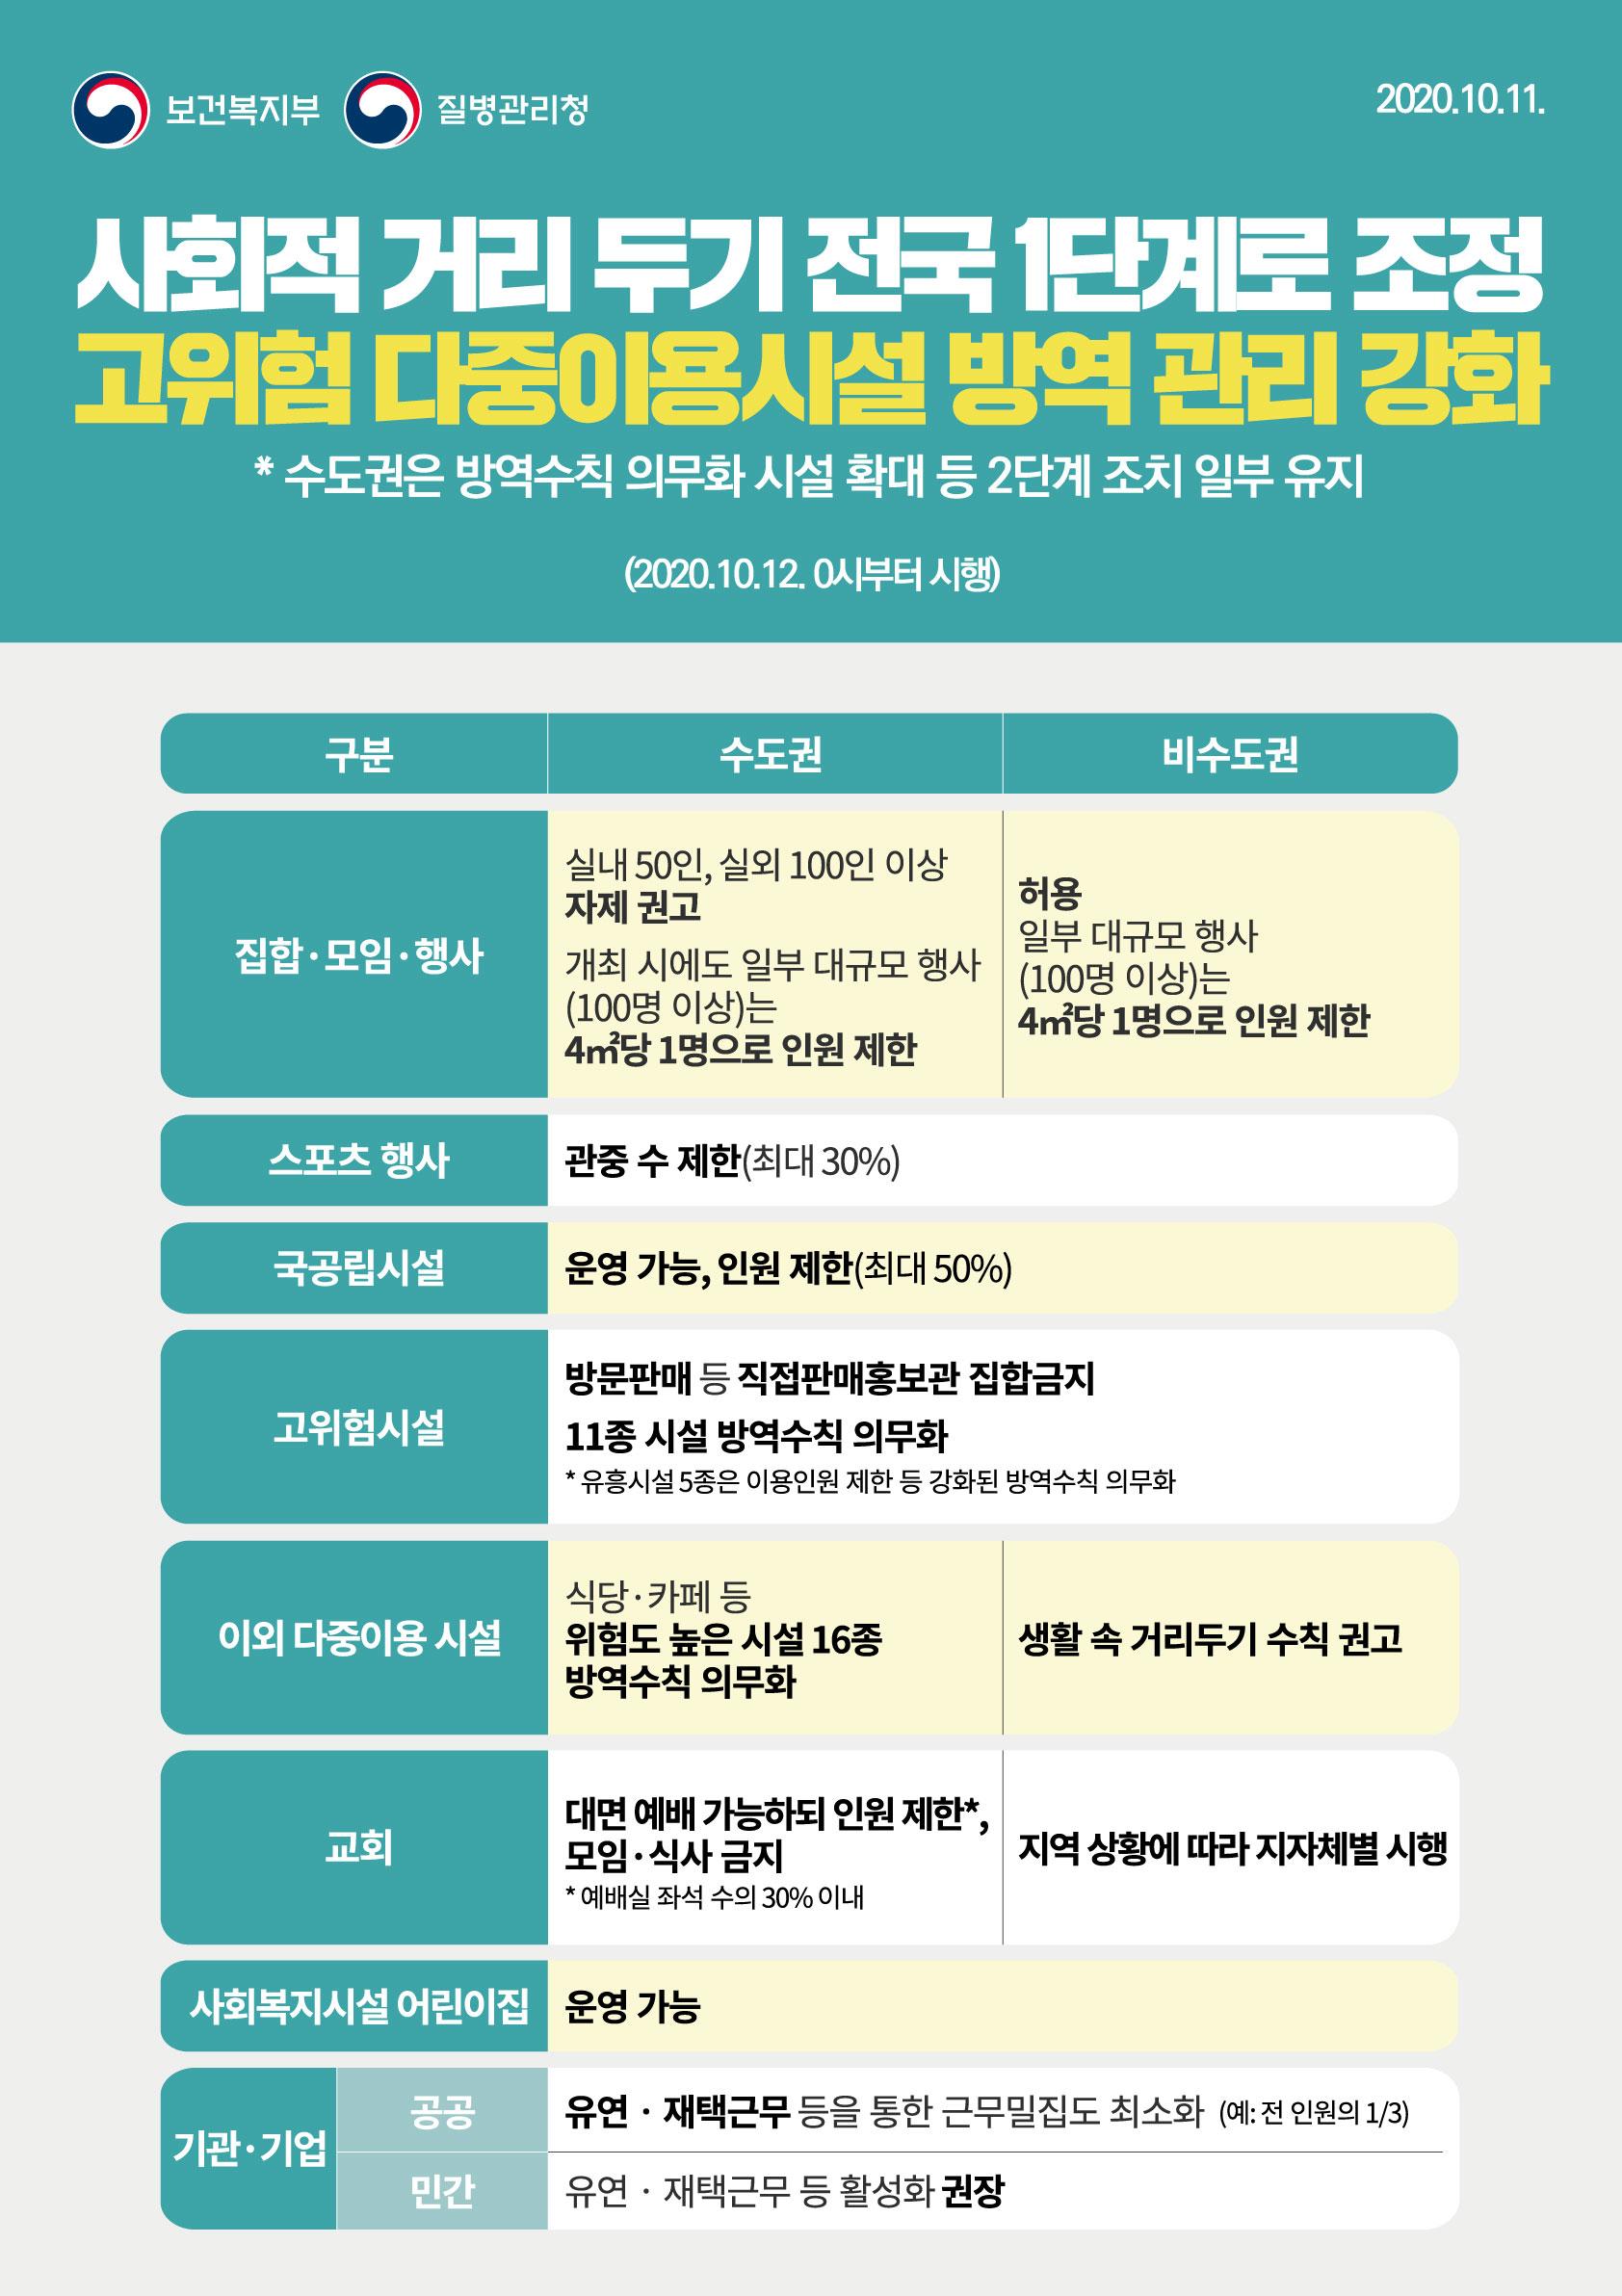 1011_사회적거리두기 1단계 조정 포스터.jpg